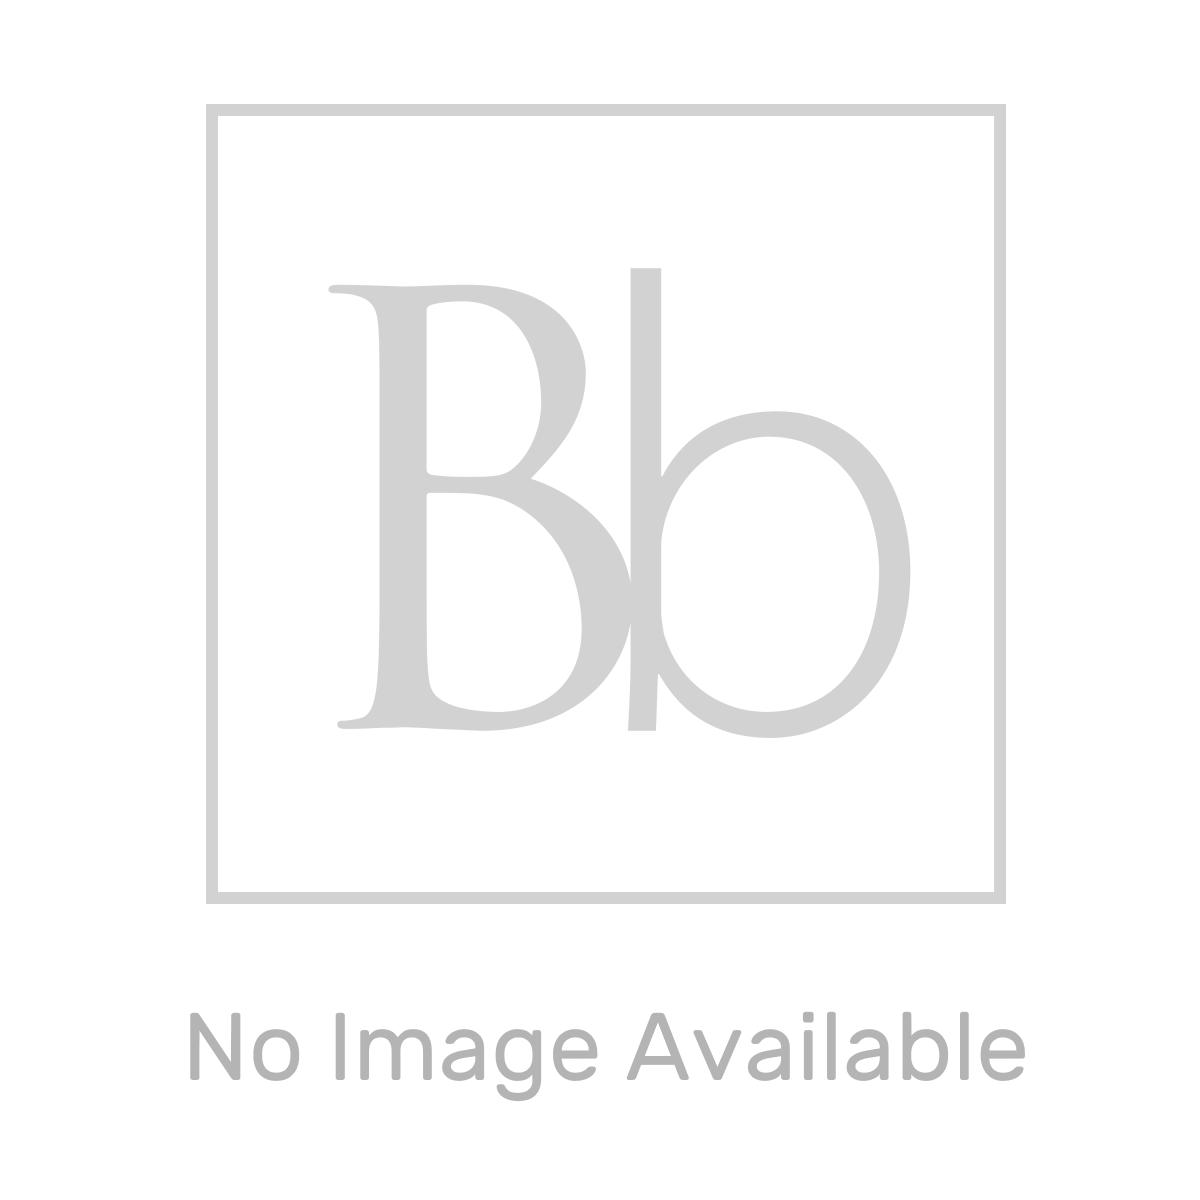 RAK Series 600 En-Suite Bathroom with Pacific Pivot Door Shower Enclosure